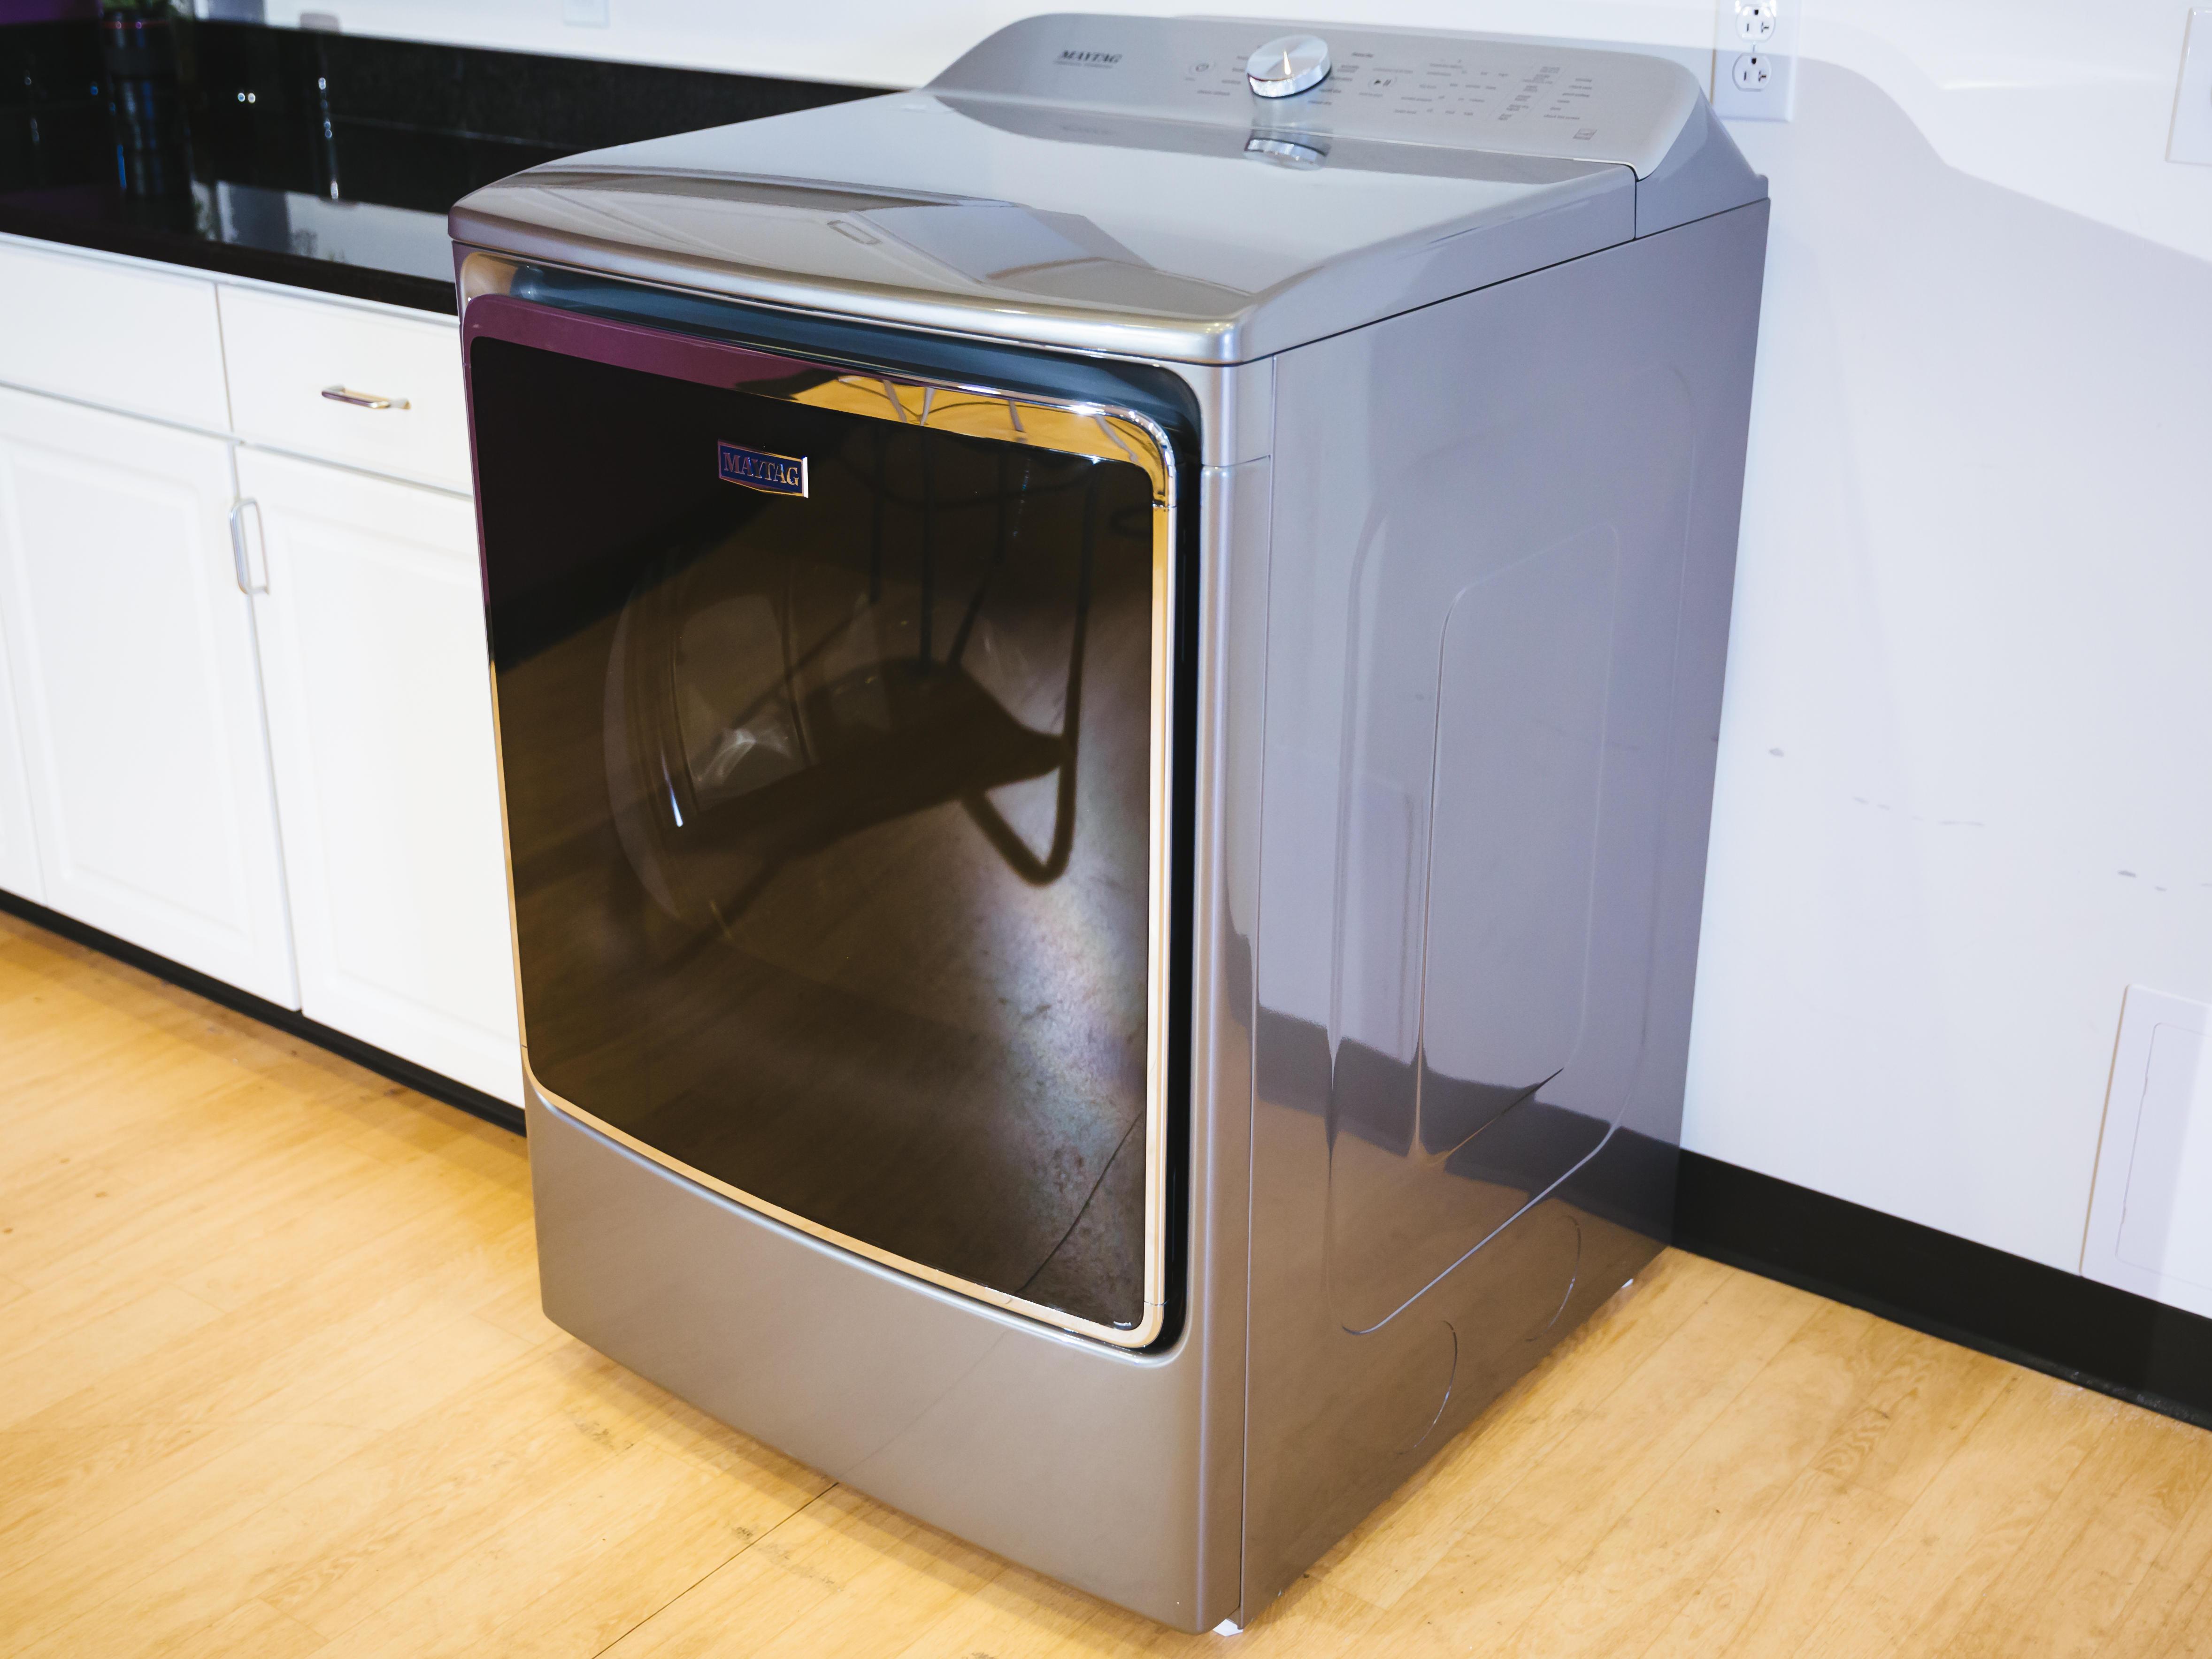 maytag-medb955fc-dryer-product-photos-1